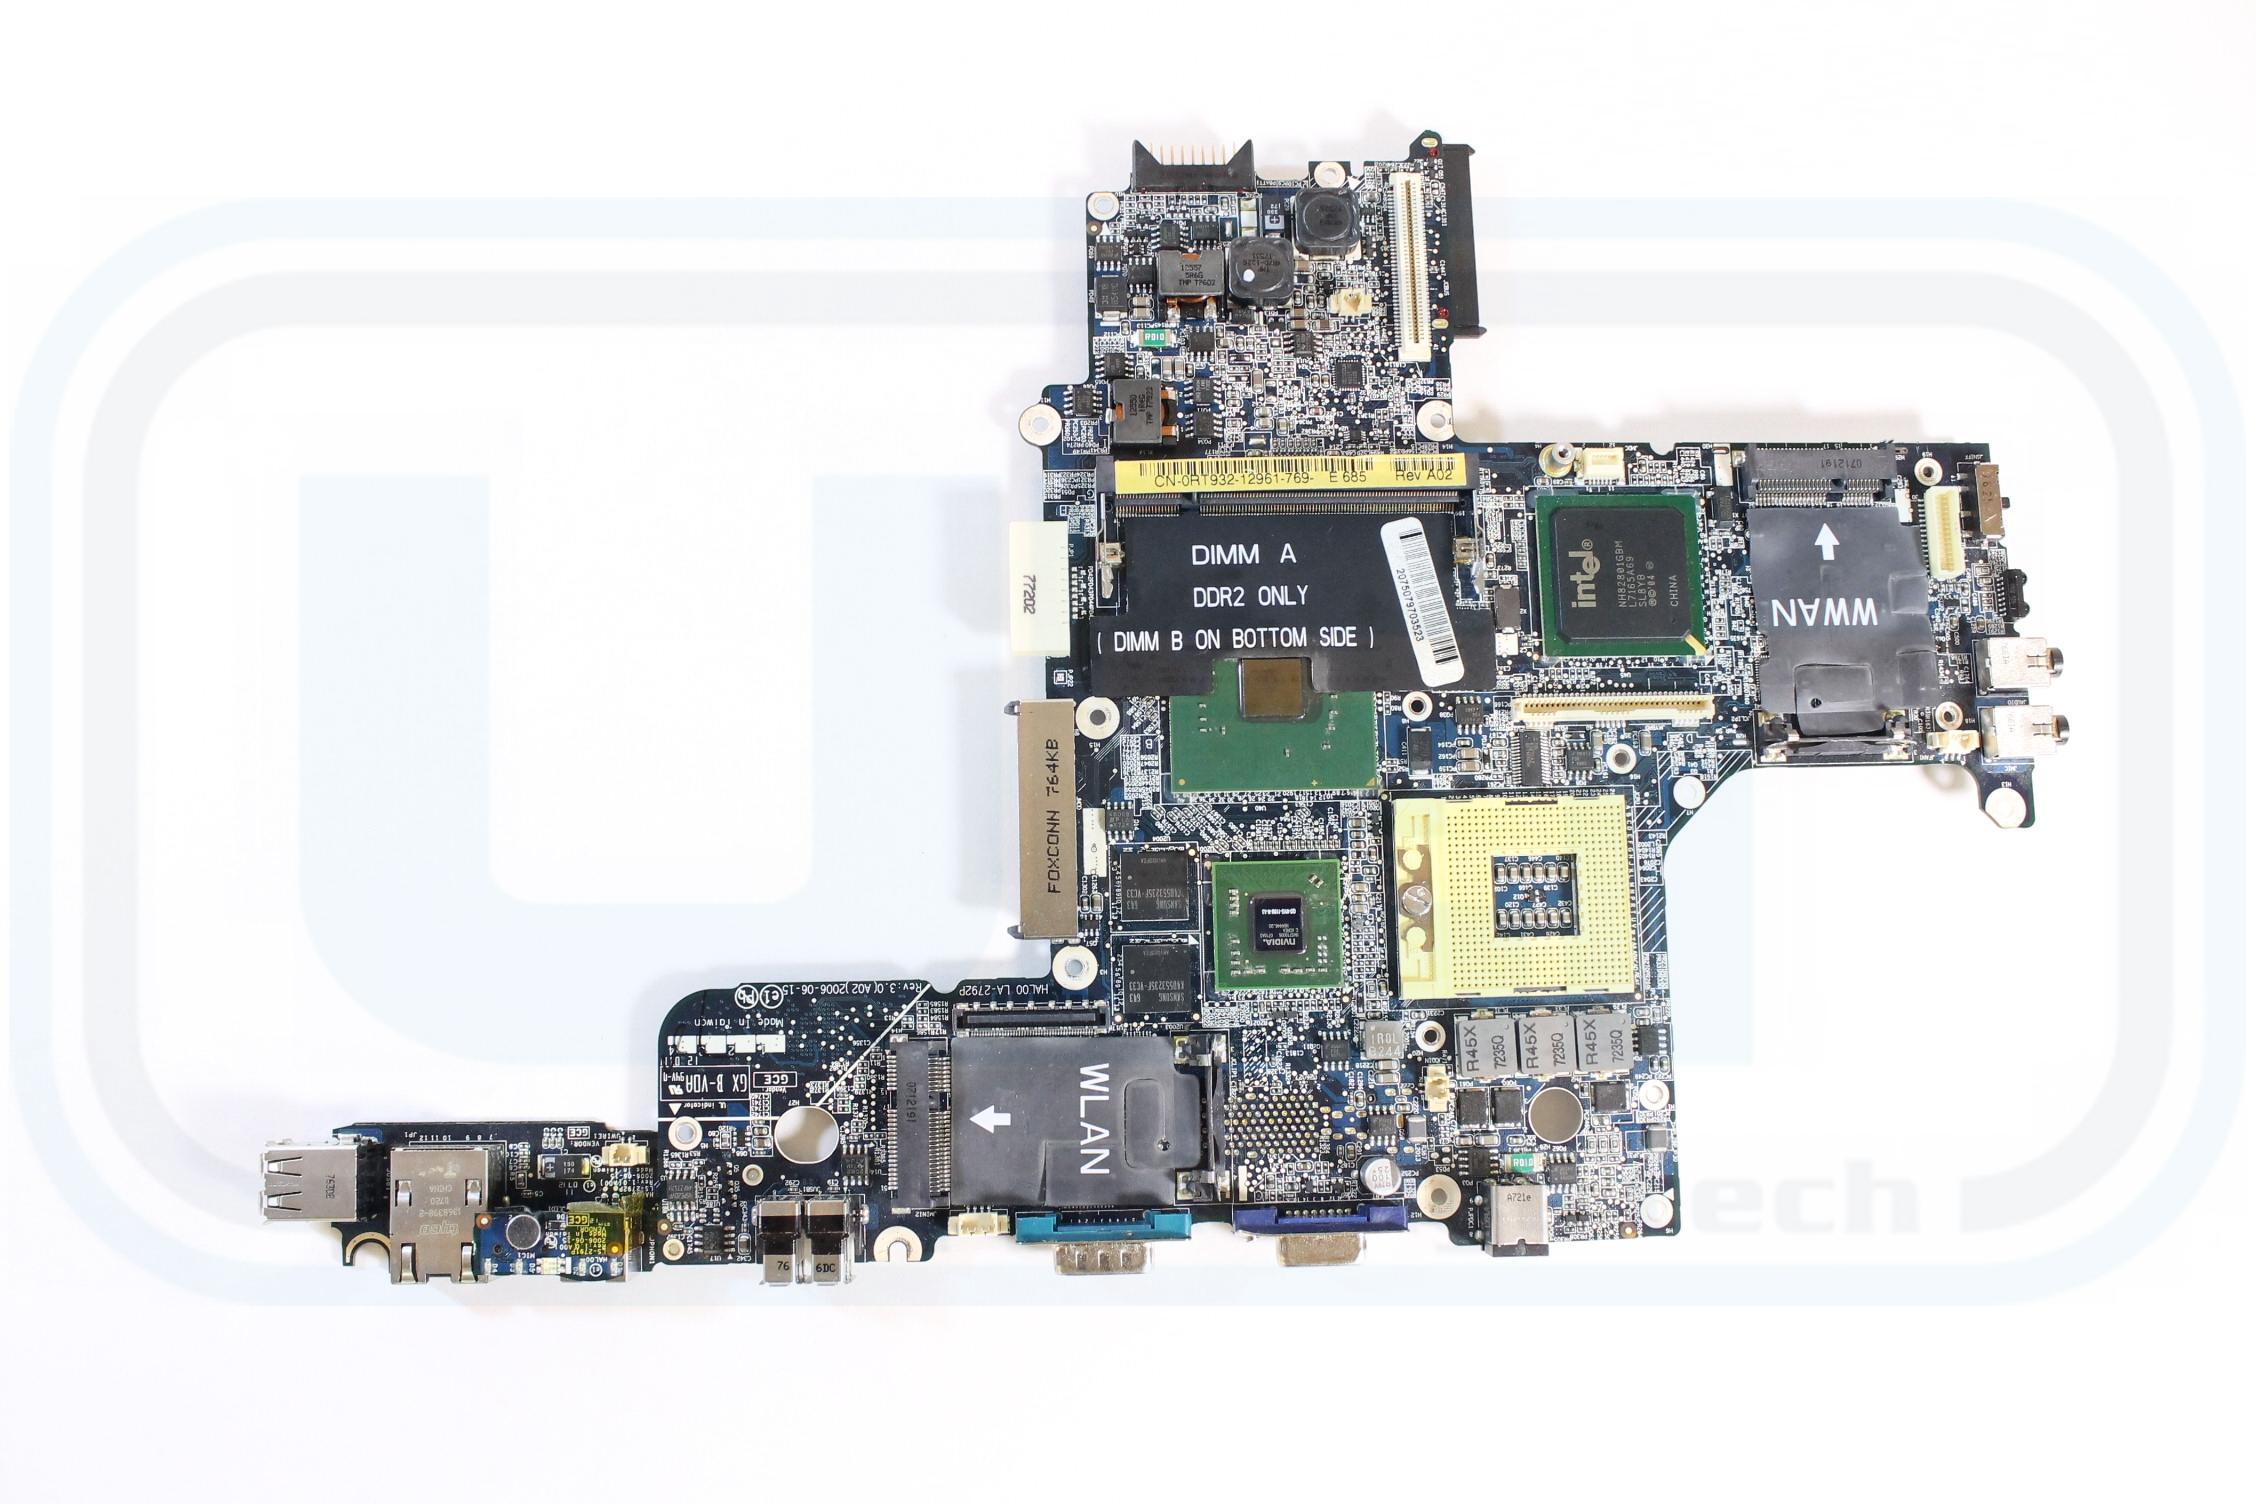 Dell d620 nvidia quadro nvs 110m